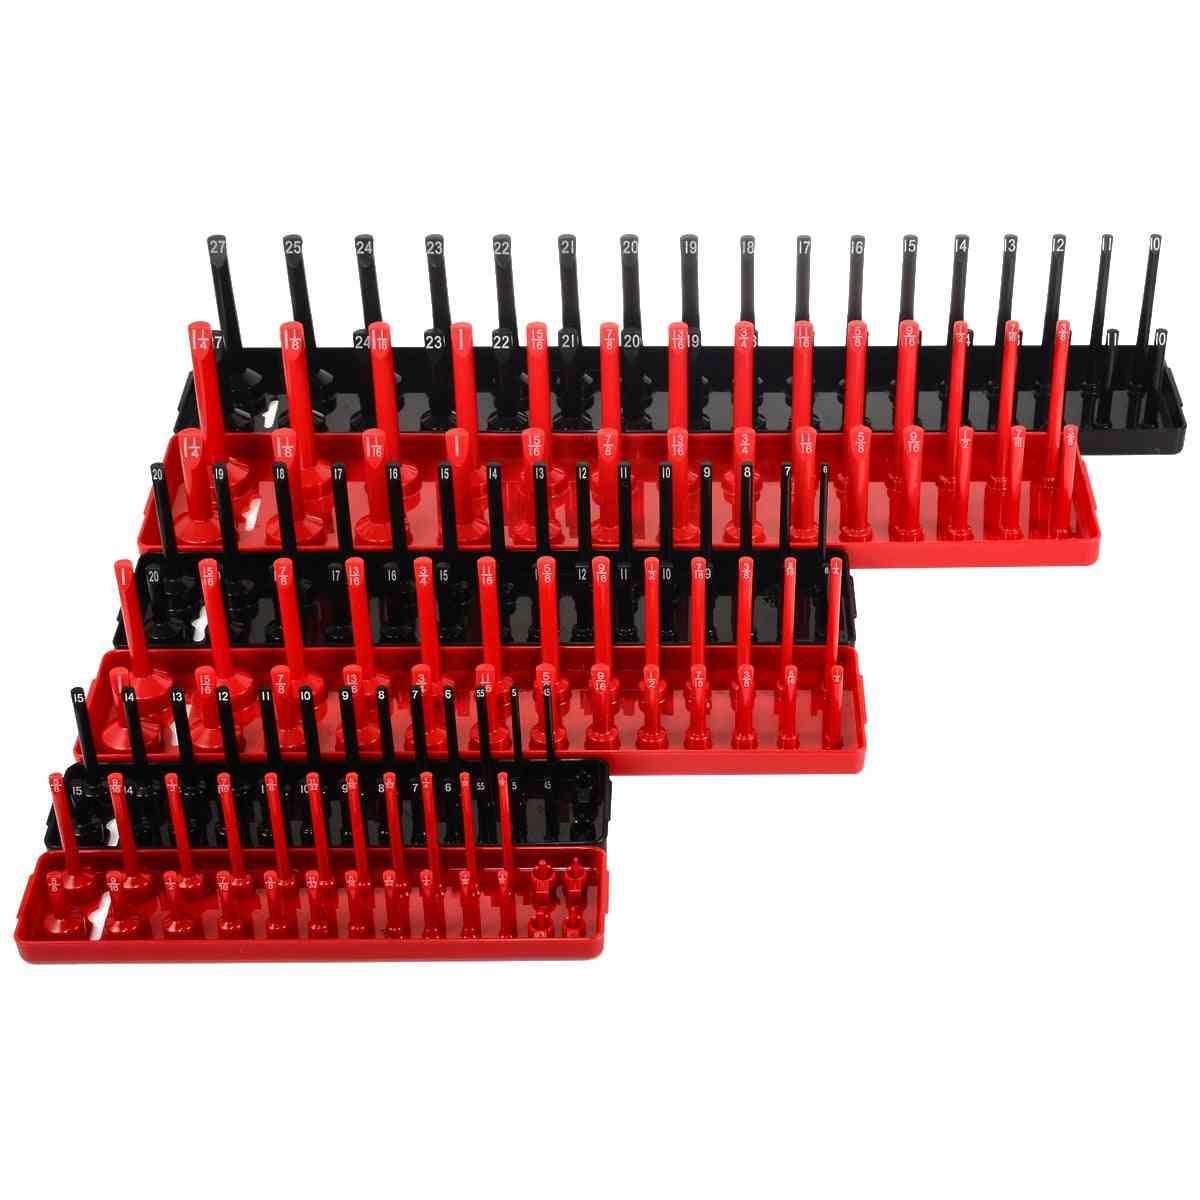 Metric Sae Socket Tray Rack Holder Garage Tool Organizer